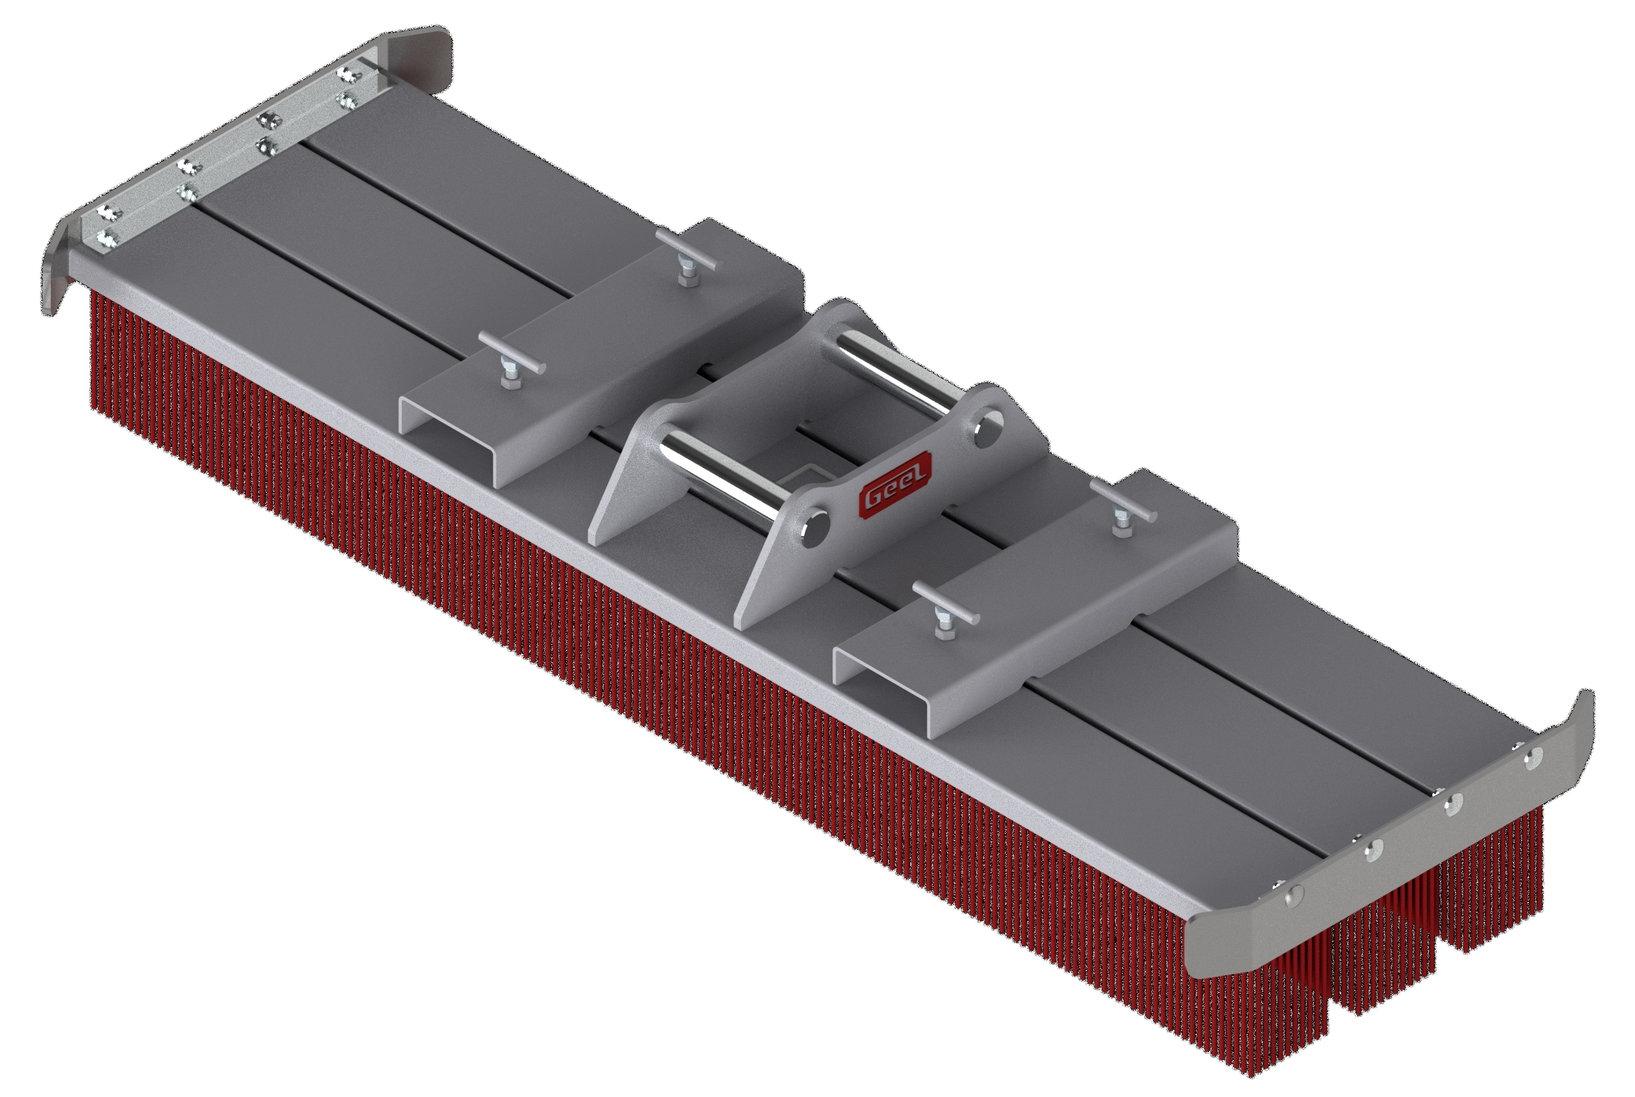 511057 Schiebebesen 2000 mm 3-reihig SW020 Gabelzinke.jpg